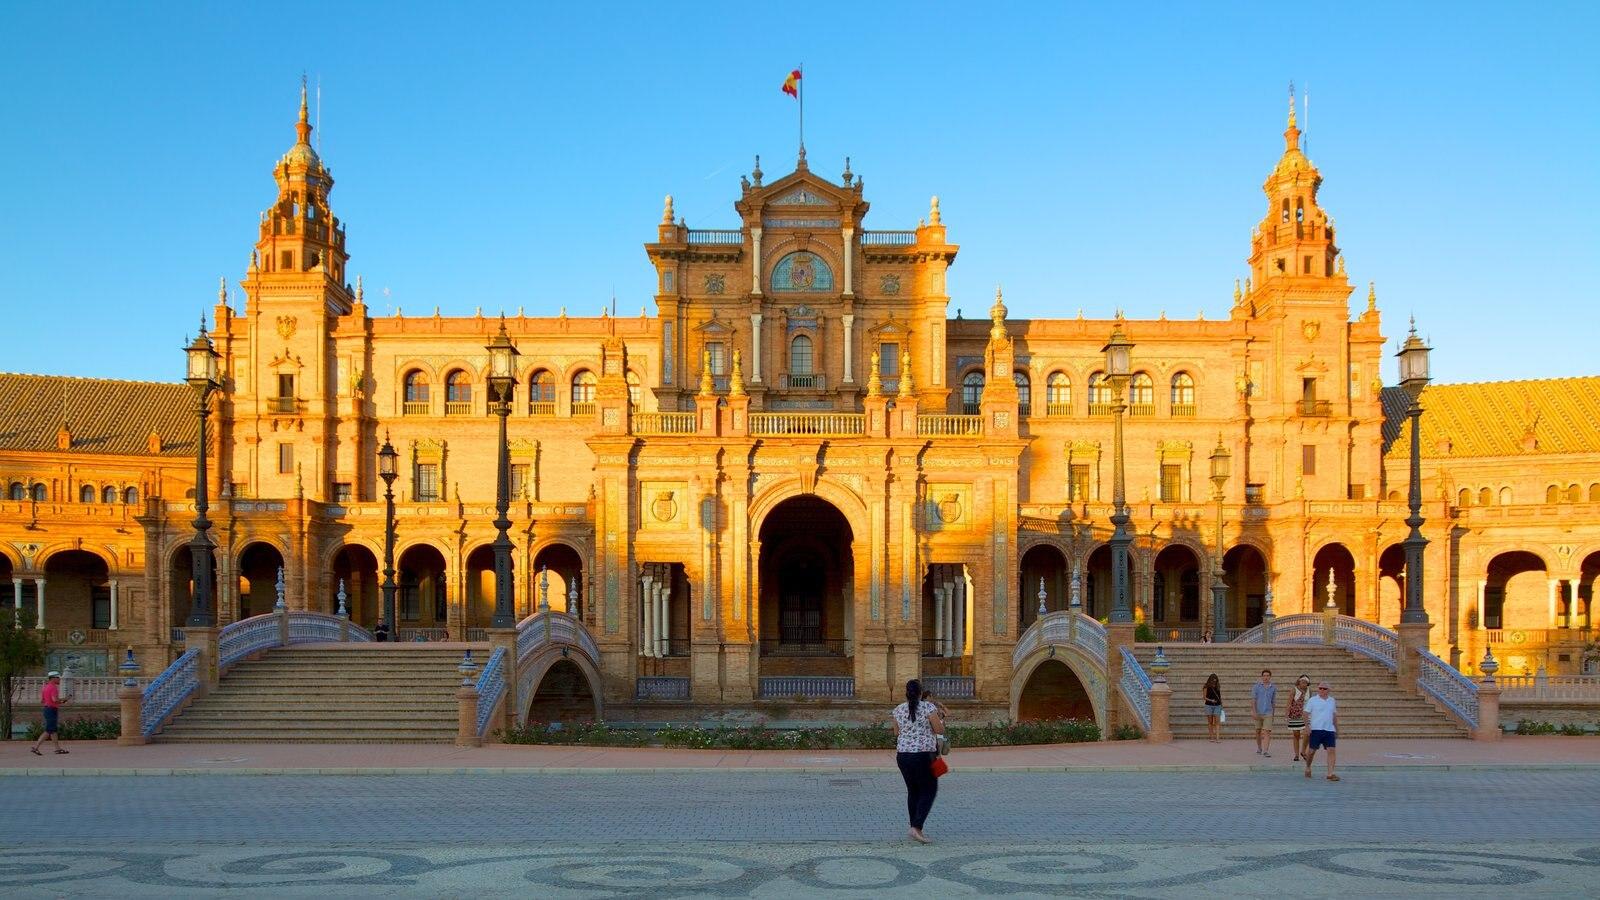 Plaza de España caracterizando um pequeno castelo ou palácio, arquitetura de patrimônio e uma praça ou plaza